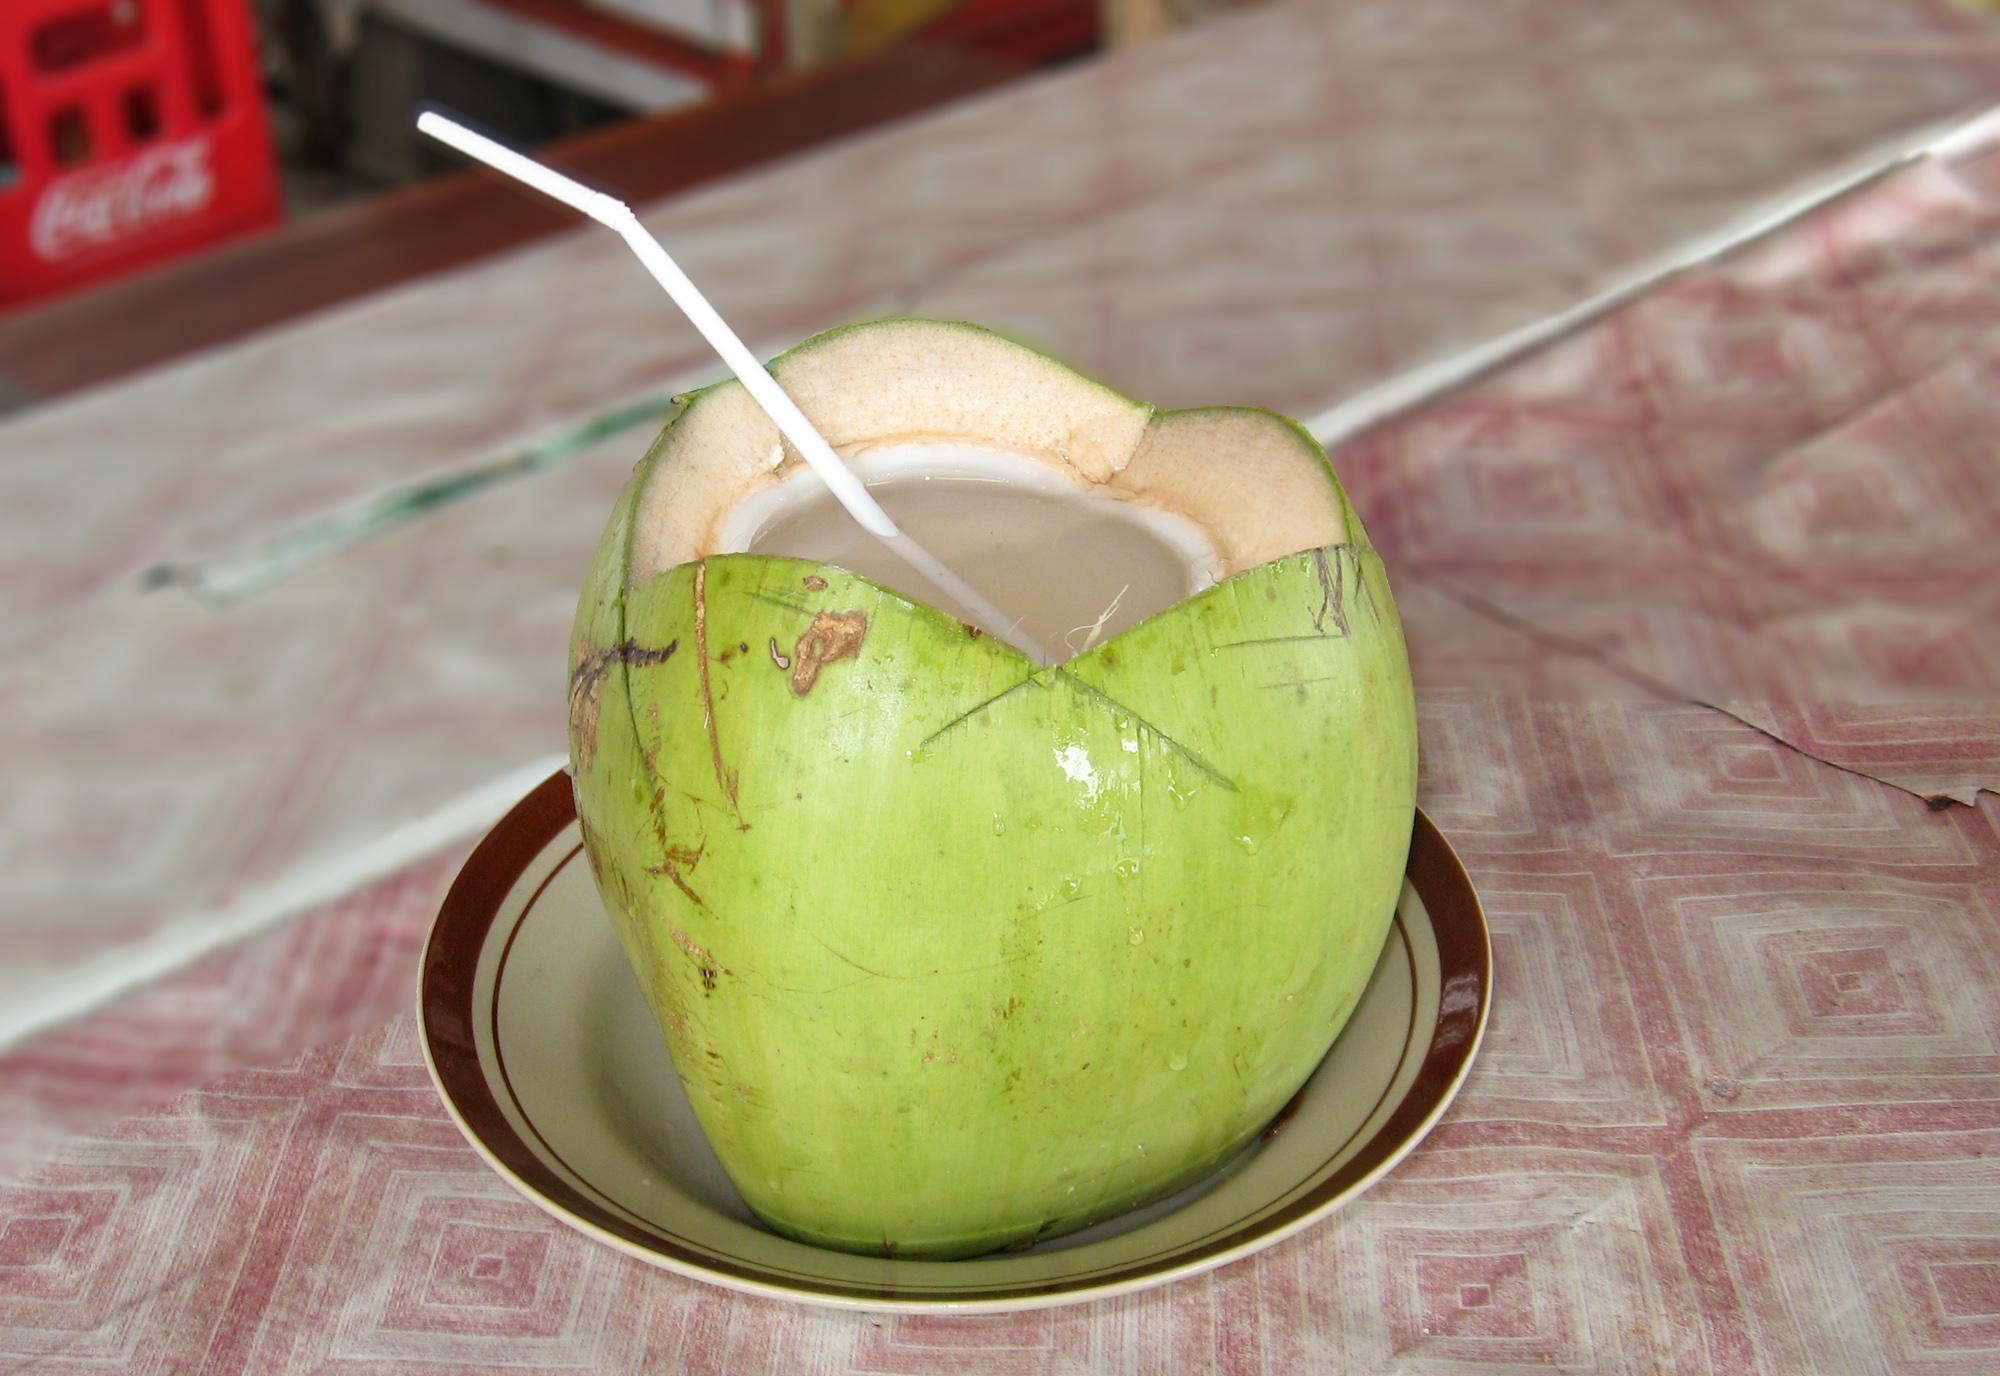 Cuisine of São Tomé and Príncipe - Wikiwand